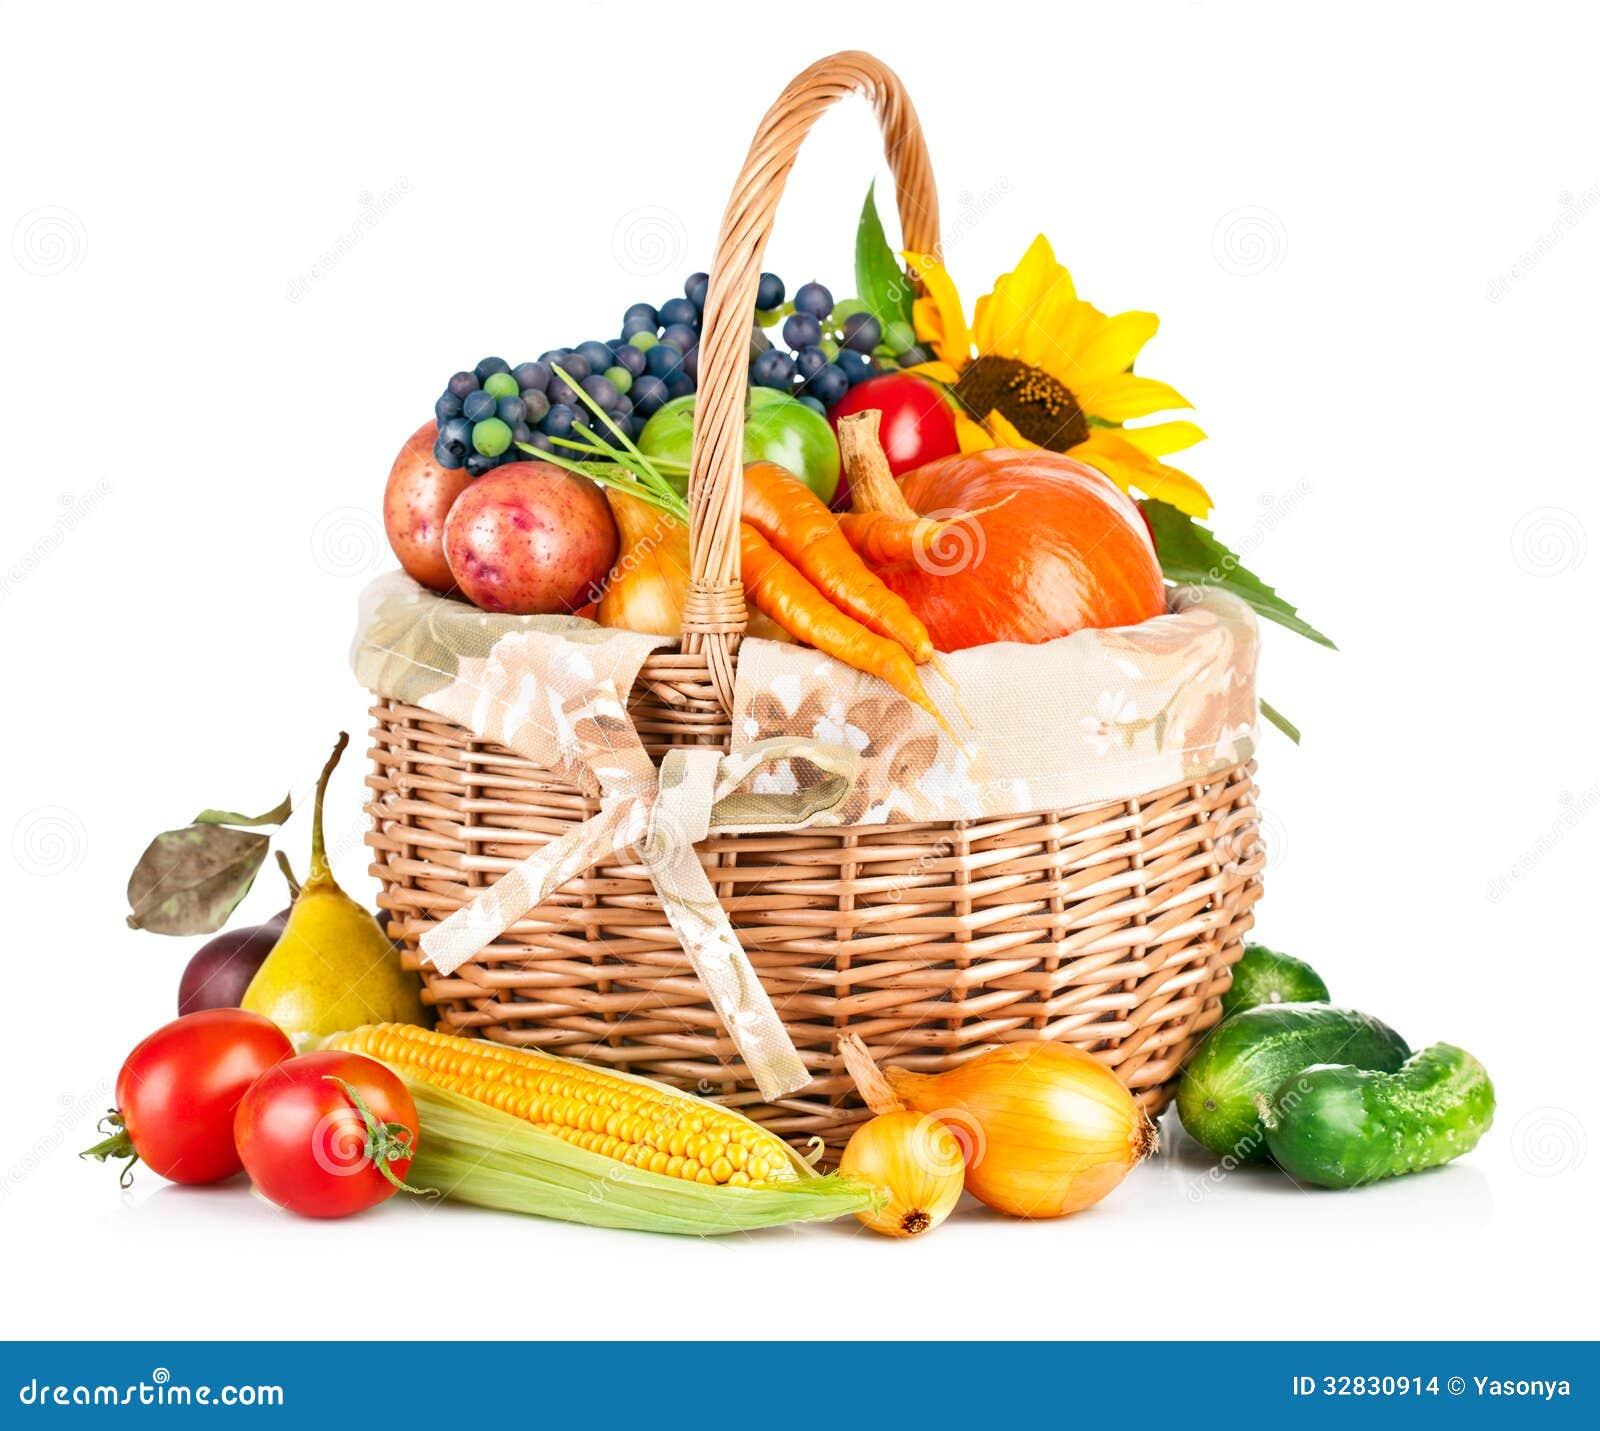 秋季收获蔬菜和水果在篮子库存图片 328309